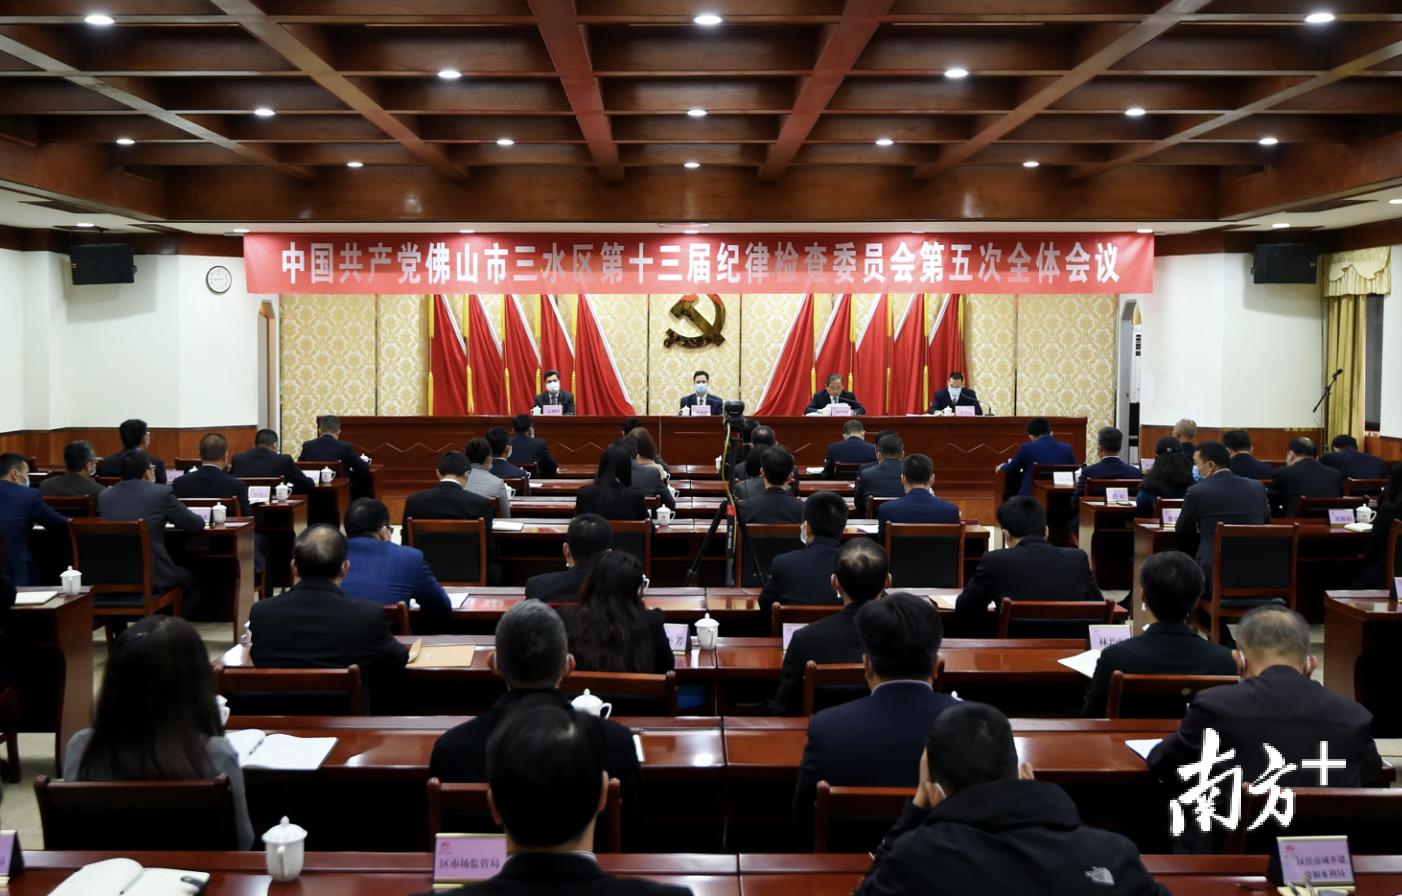 3月31日,中共佛山市三水区第十三届纪律检查委员会第五次全体会议召开。